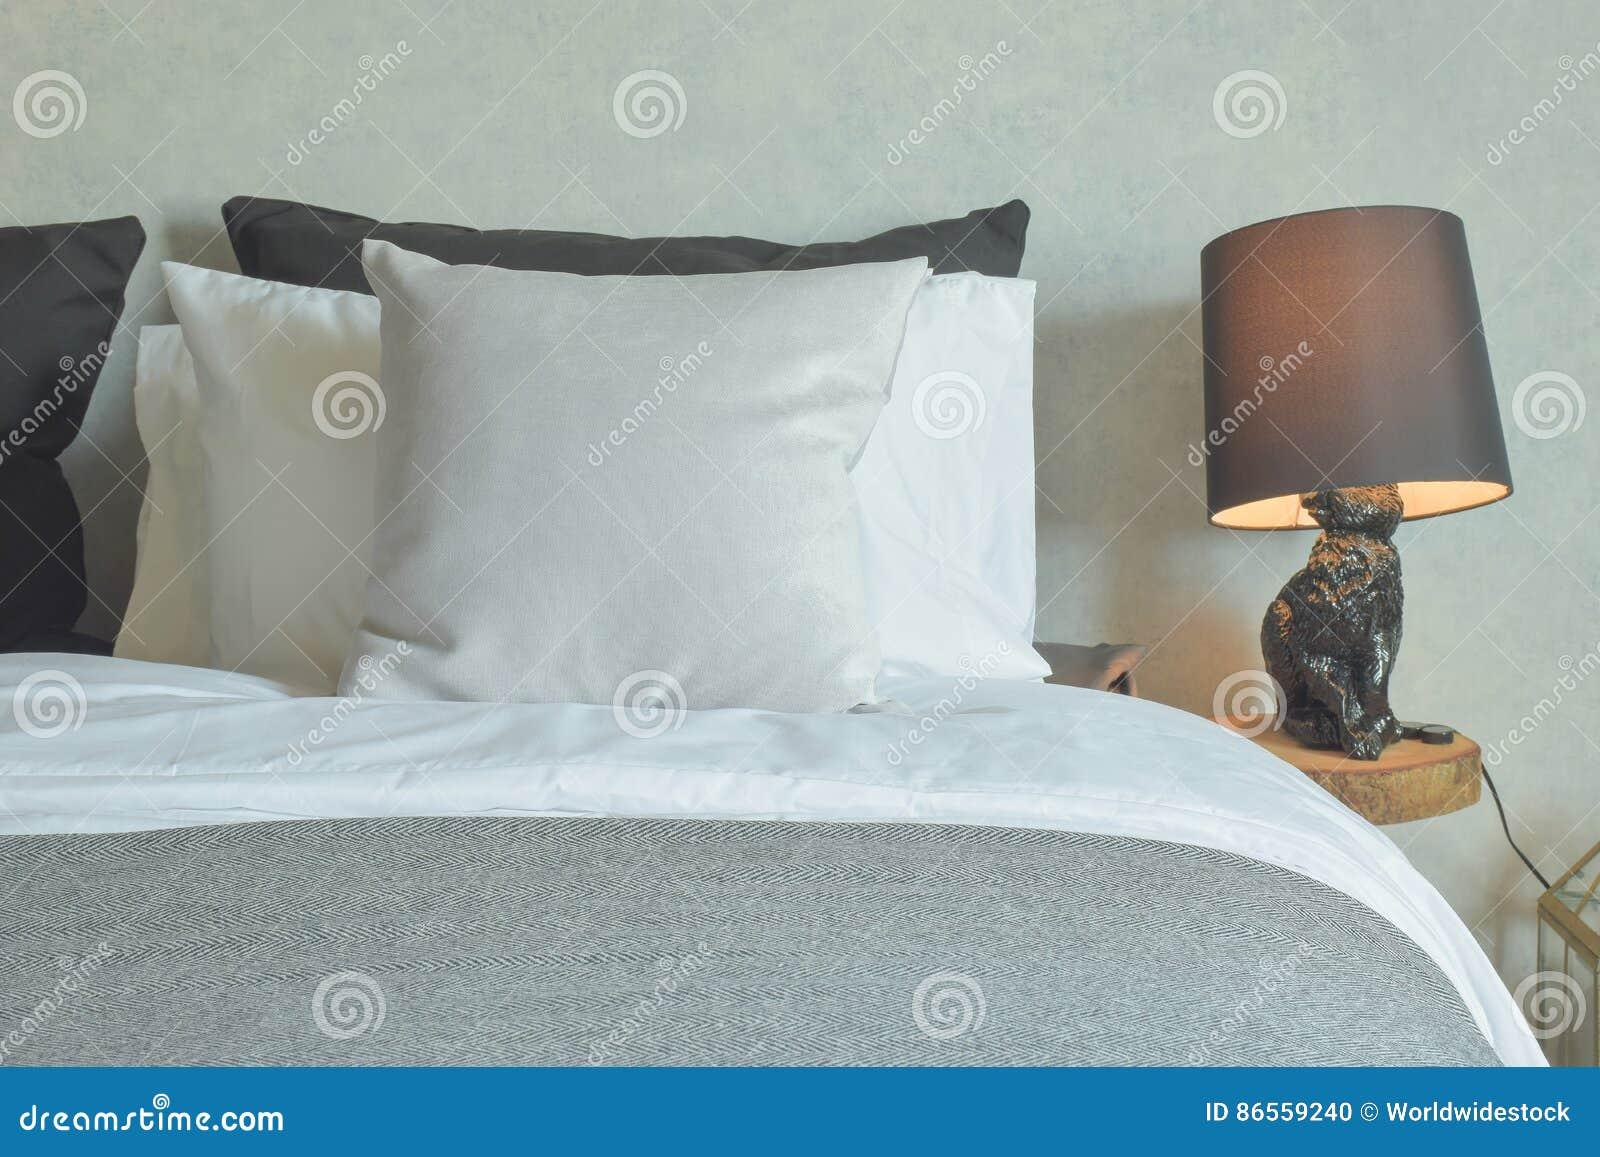 Schoon bed in hotel guestroom met bruine lezingslamp